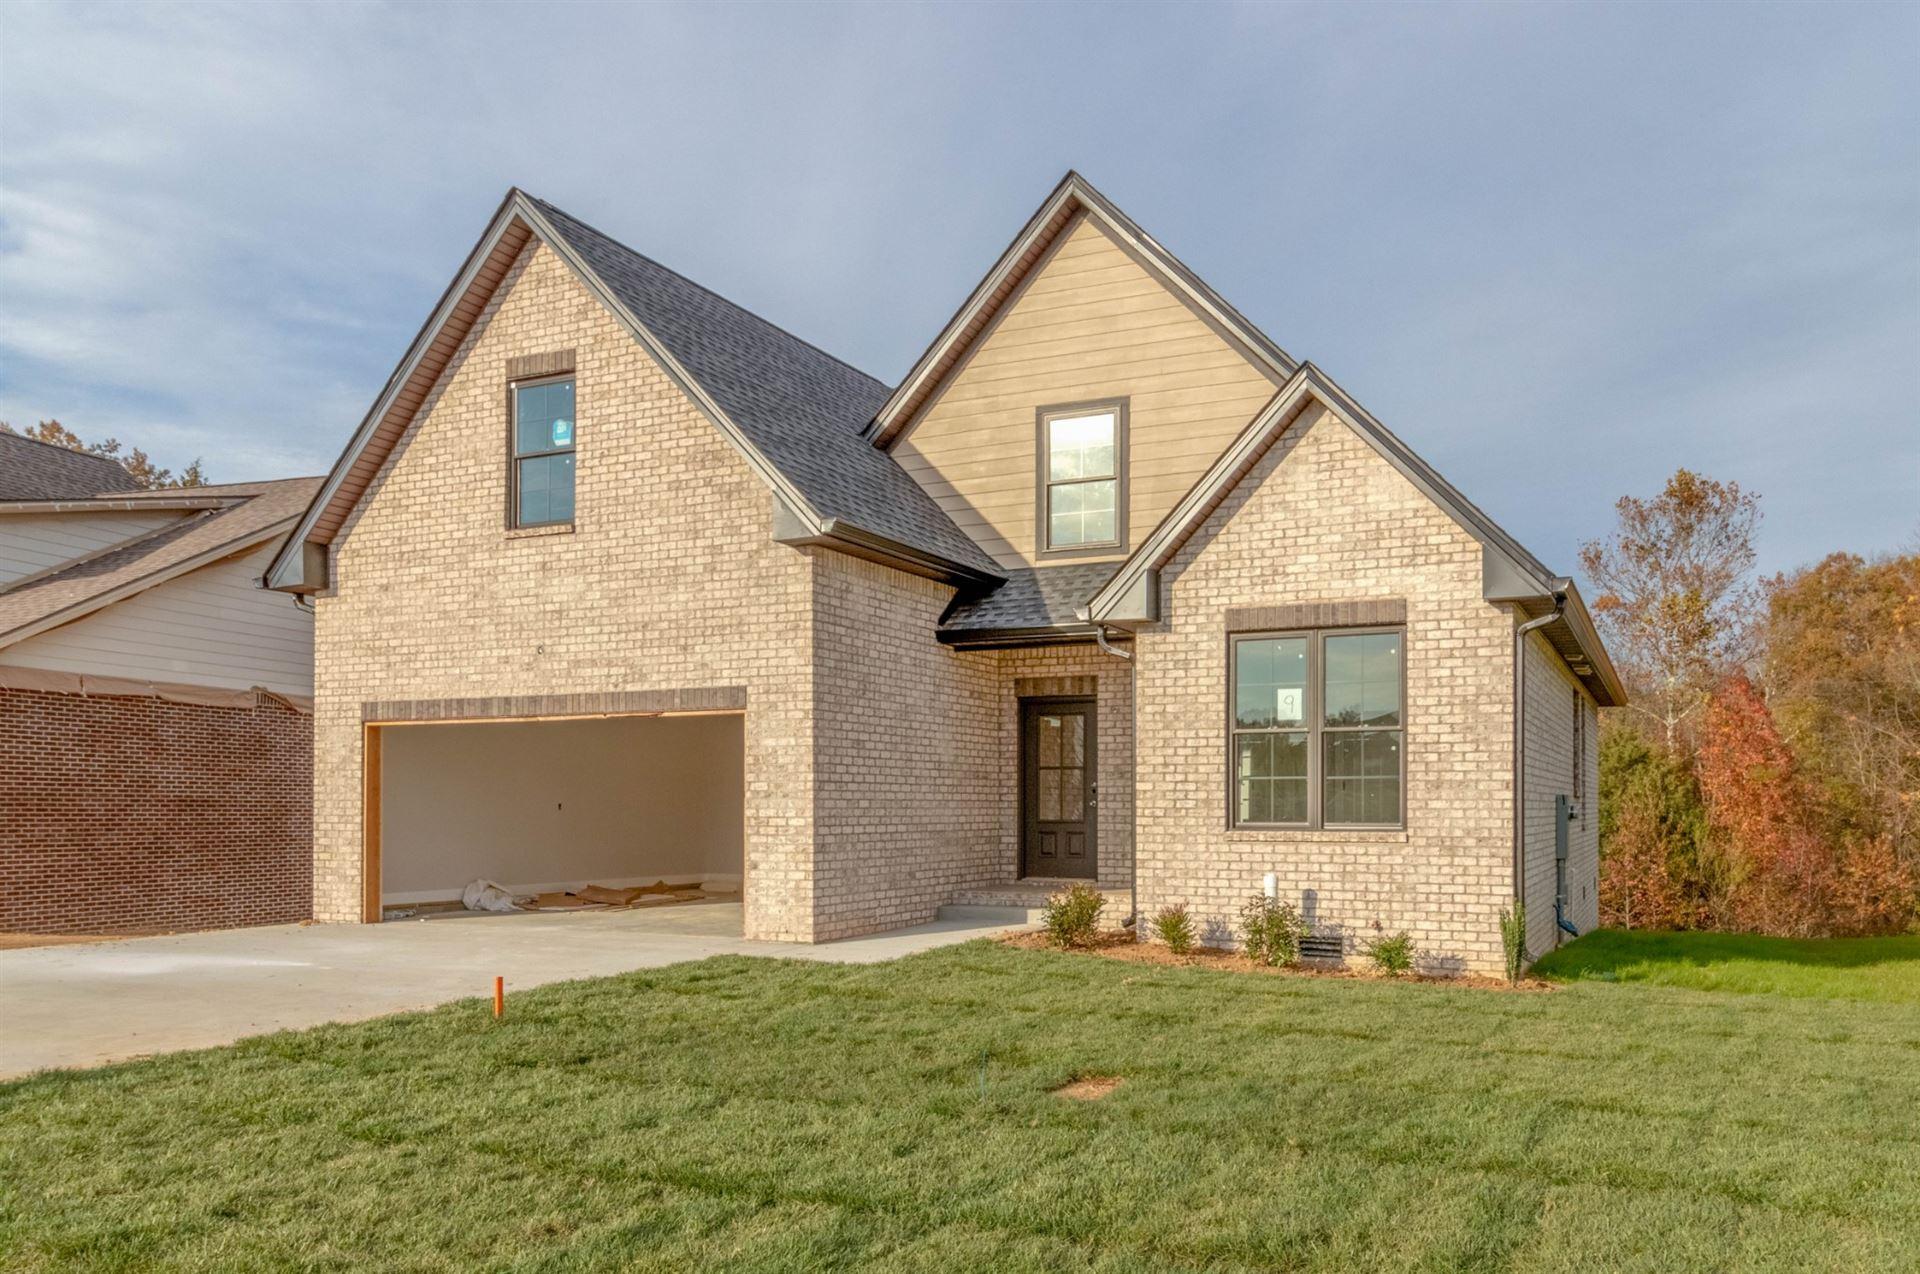 133 Cottage Ln, Clarksville, TN 37043 - MLS#: 2204837